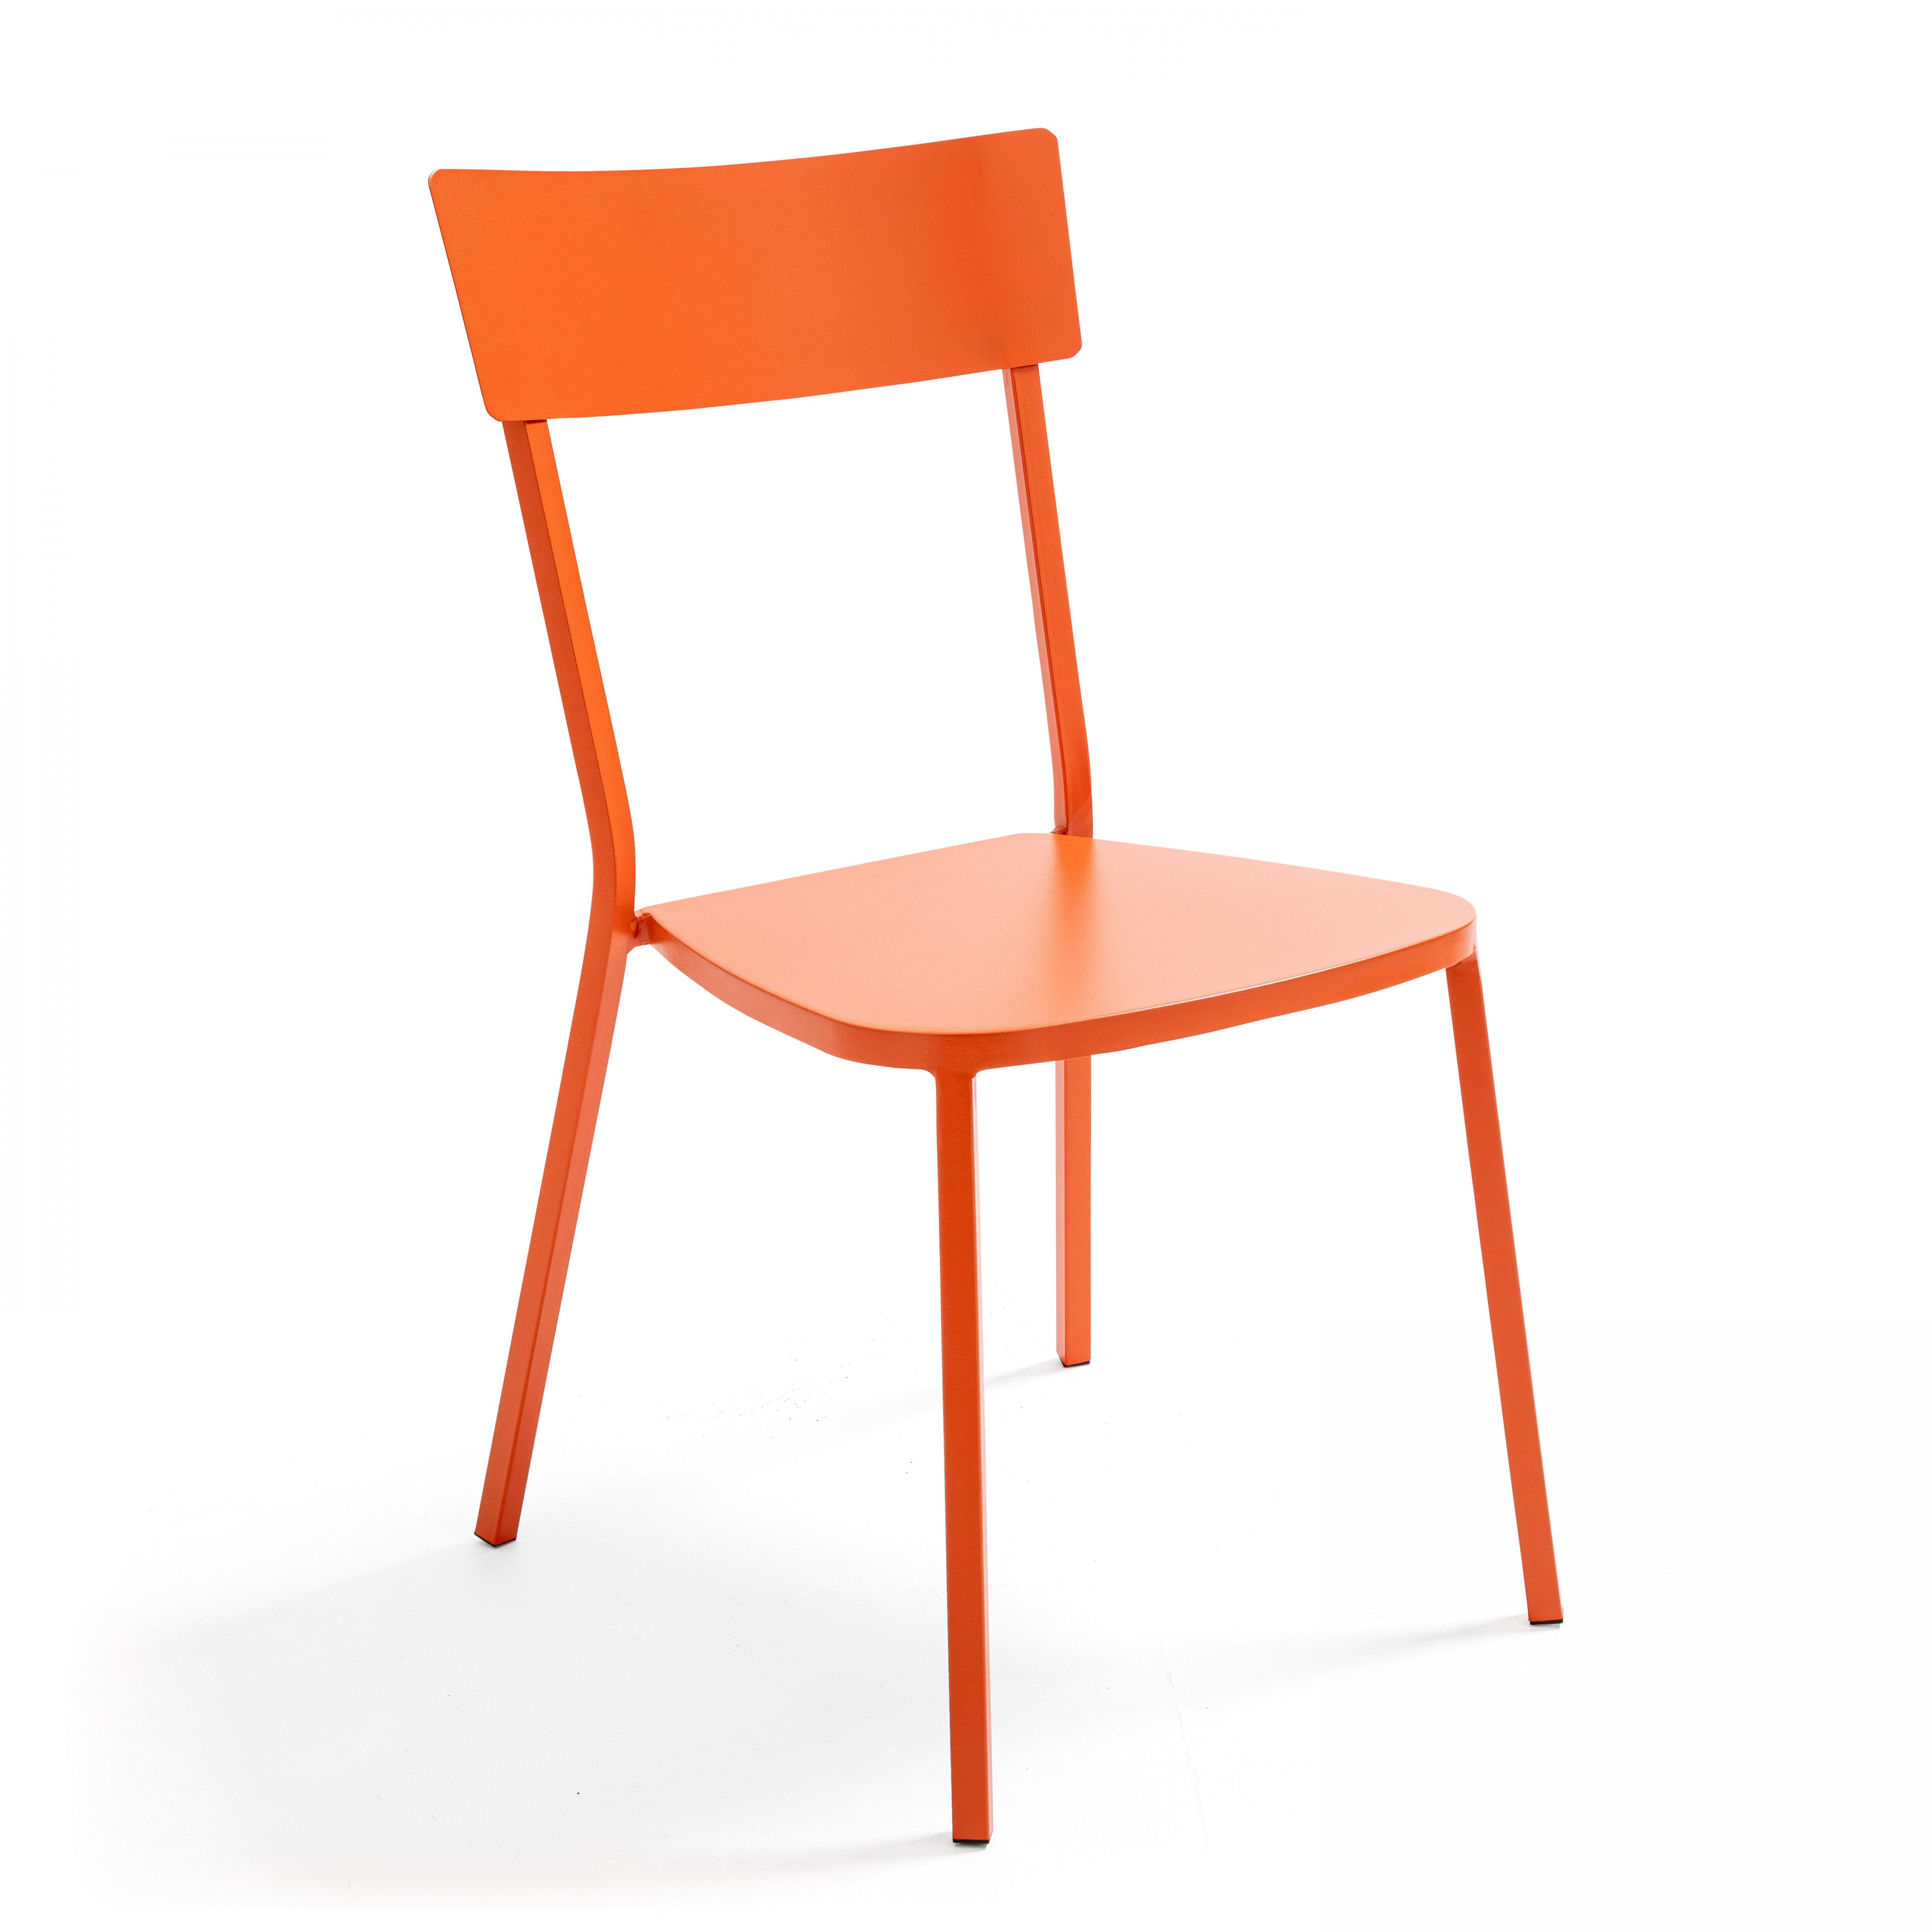 Chaise de jardin bistrot 1 place en acier orange